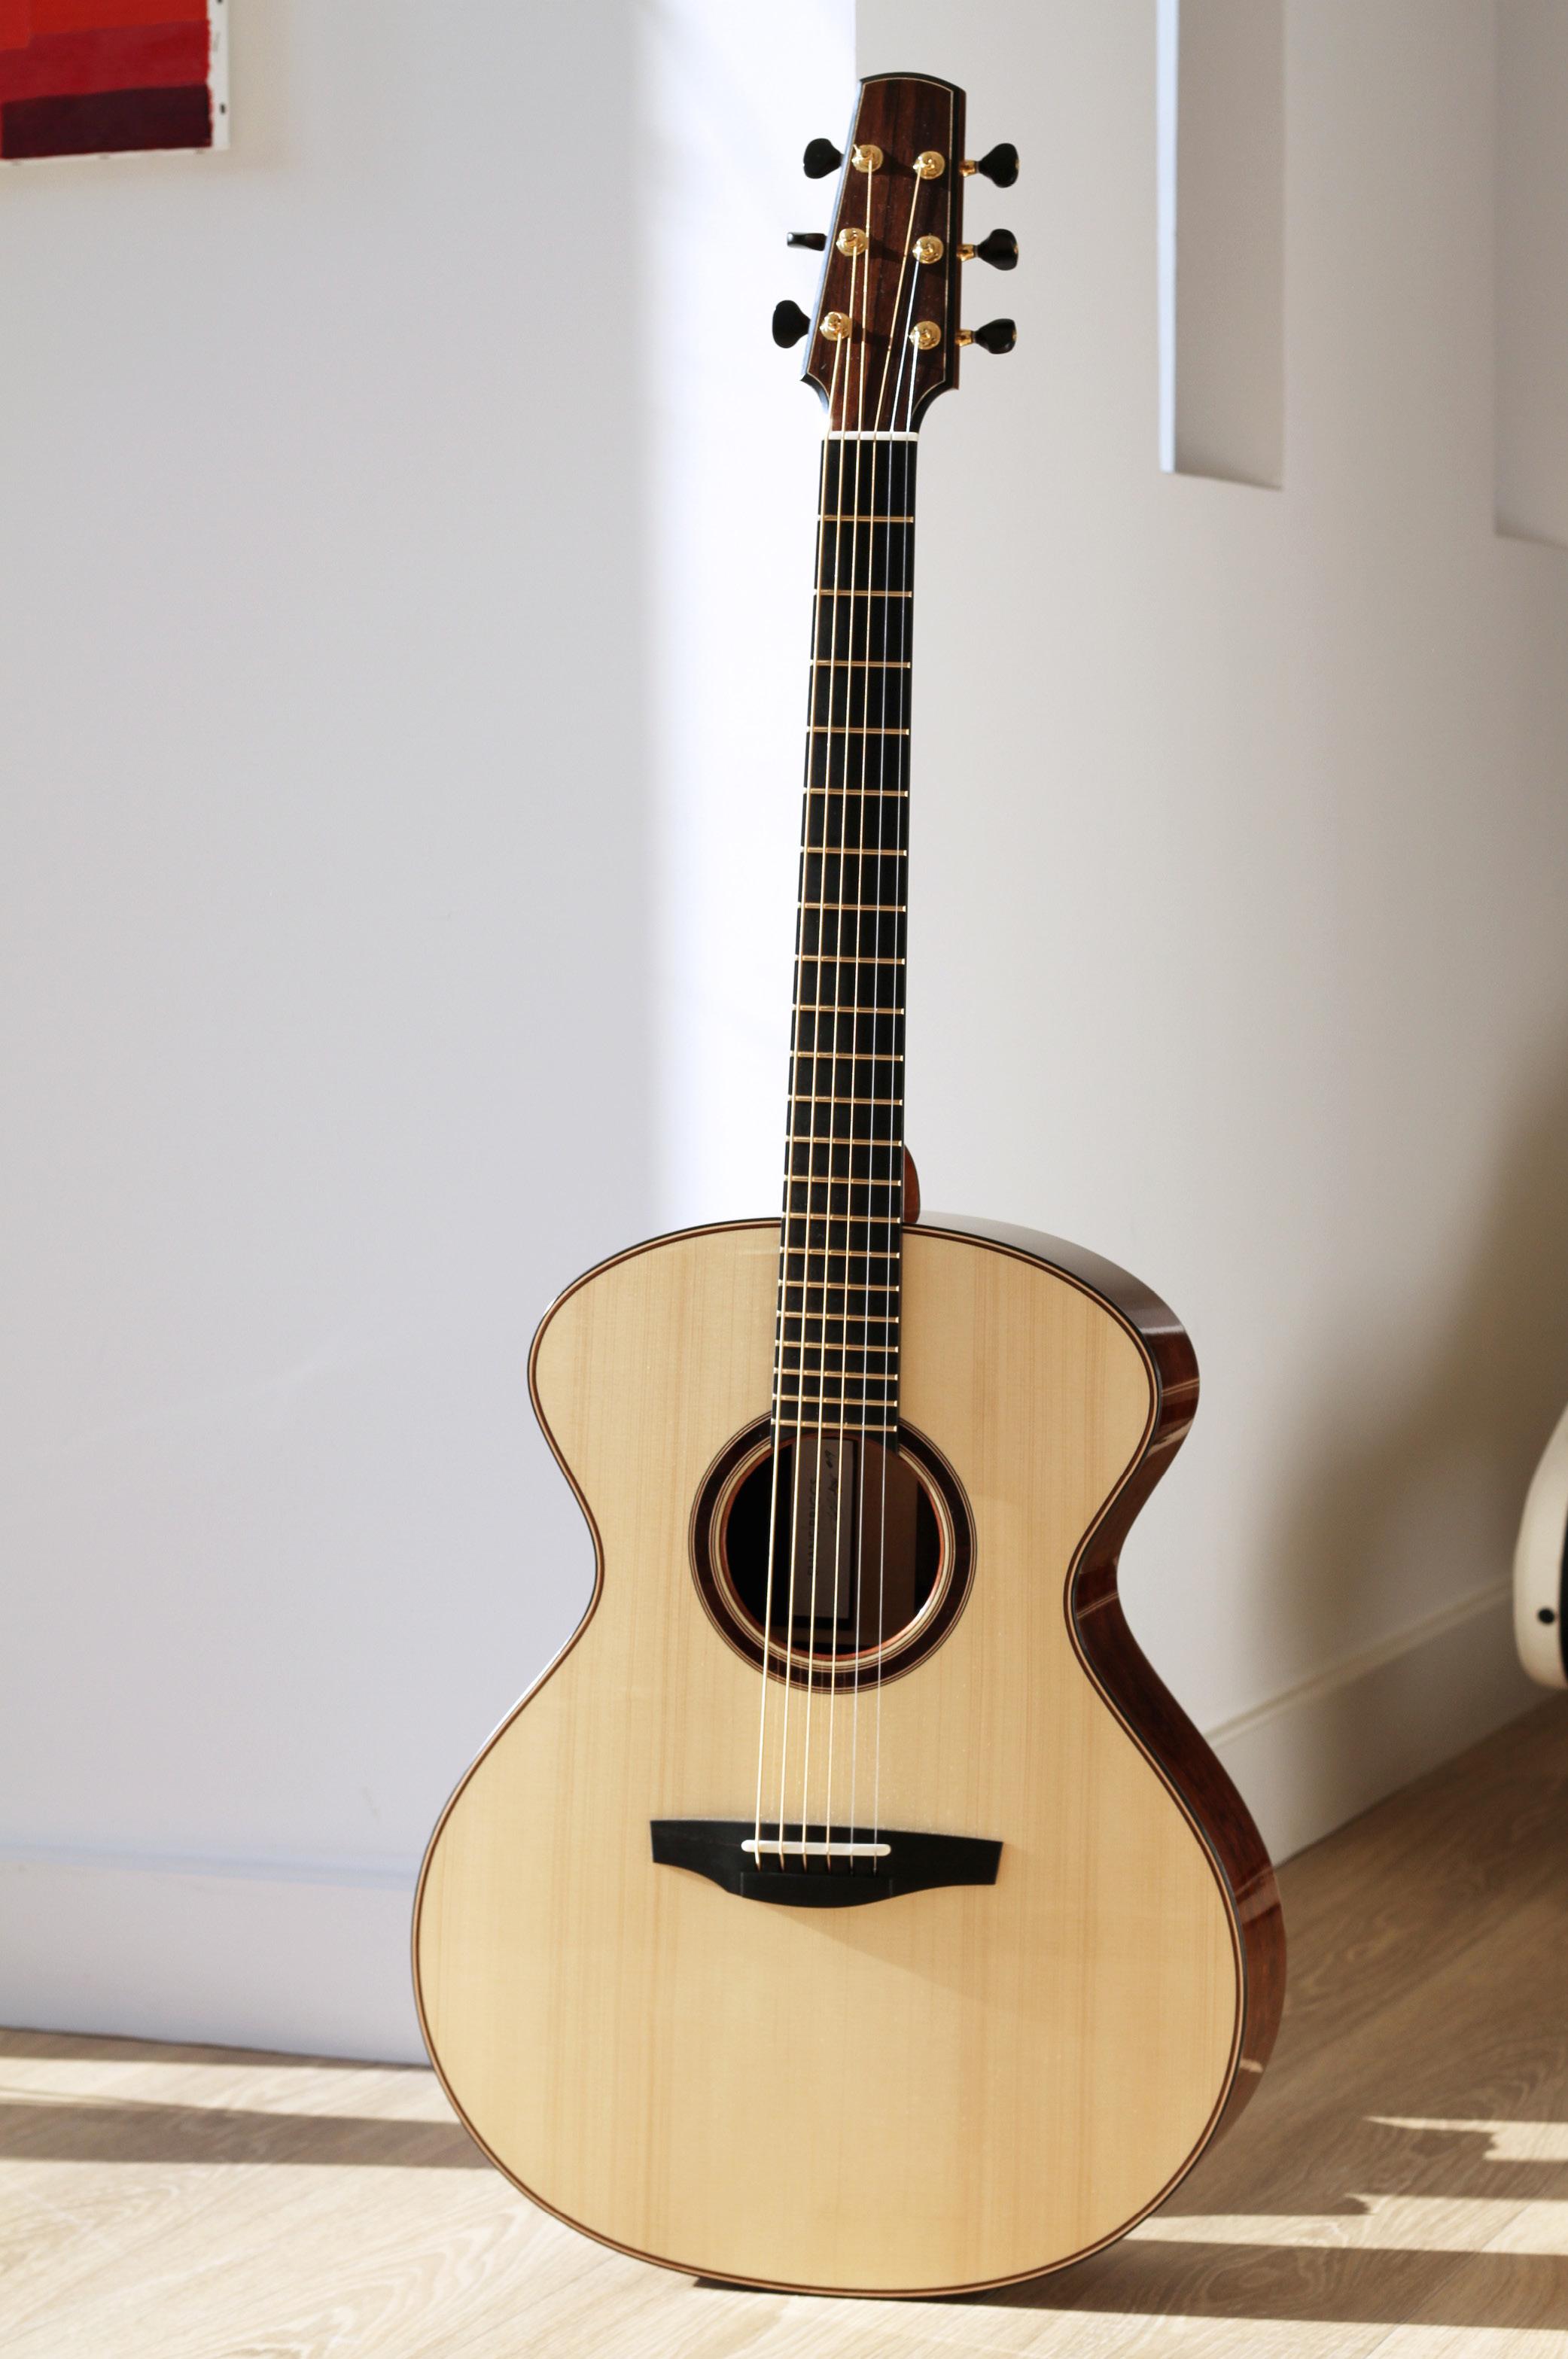 guitarshopphoto2.jpg